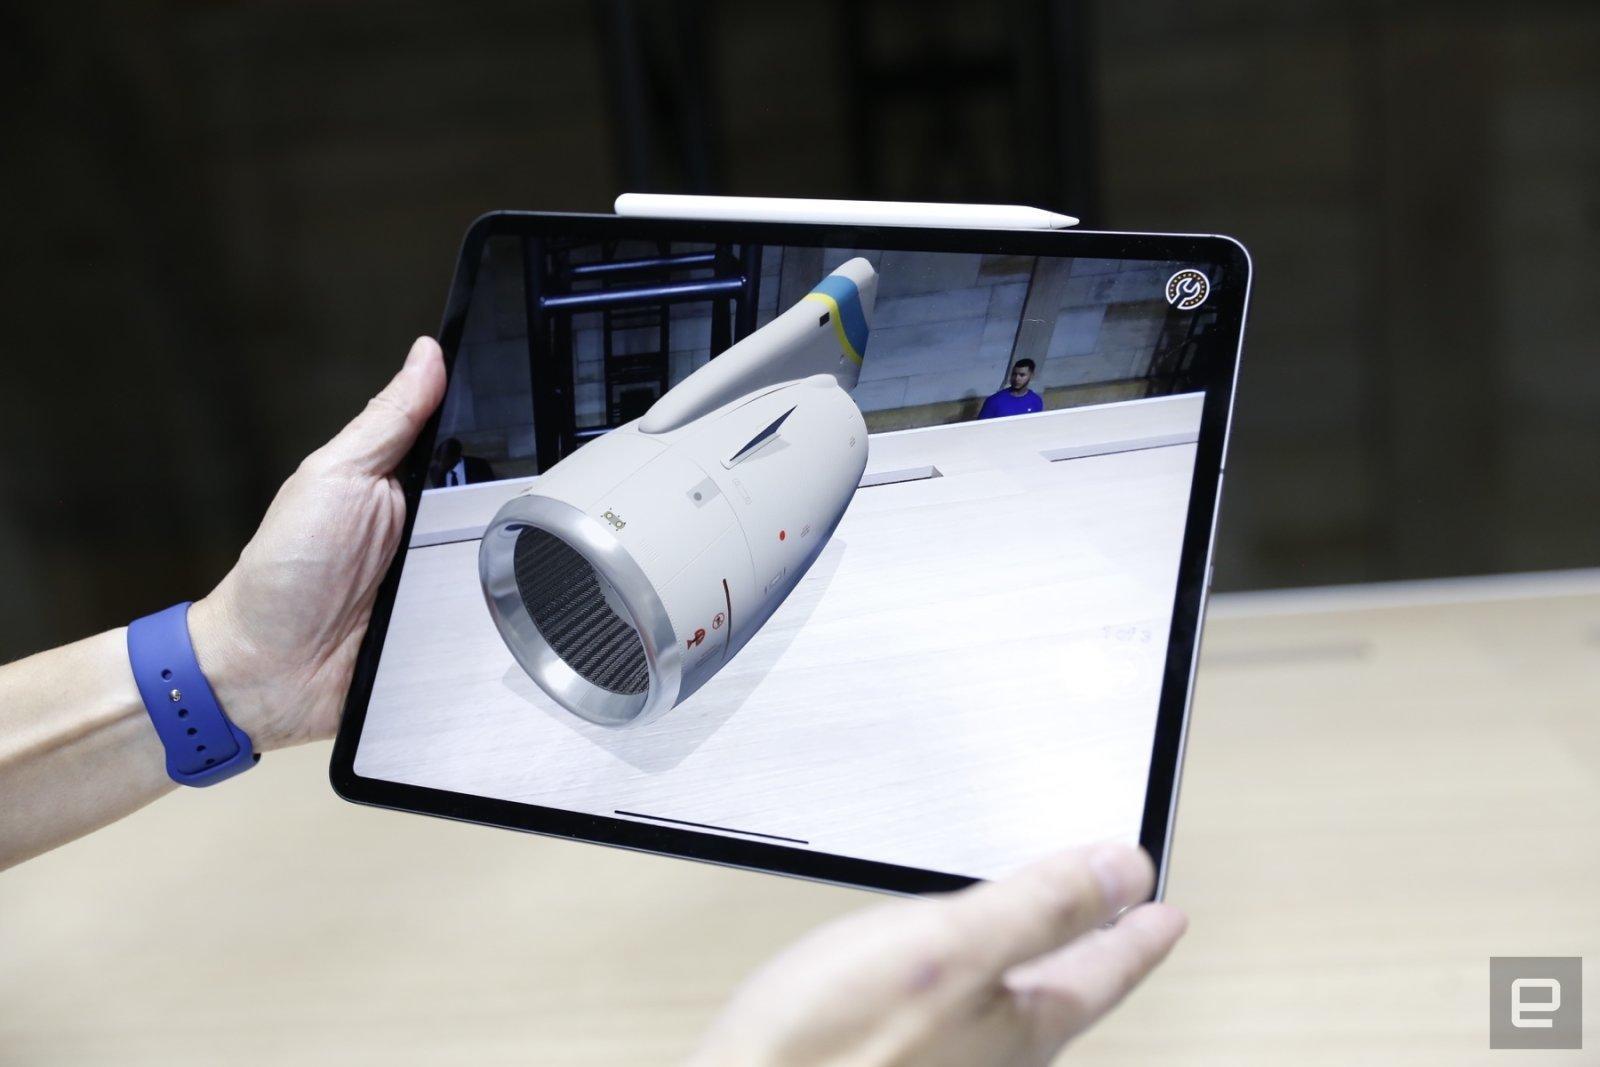 احتمال عرضه نسل بعدی iPad Pro در اوایل ۲۰۲۰